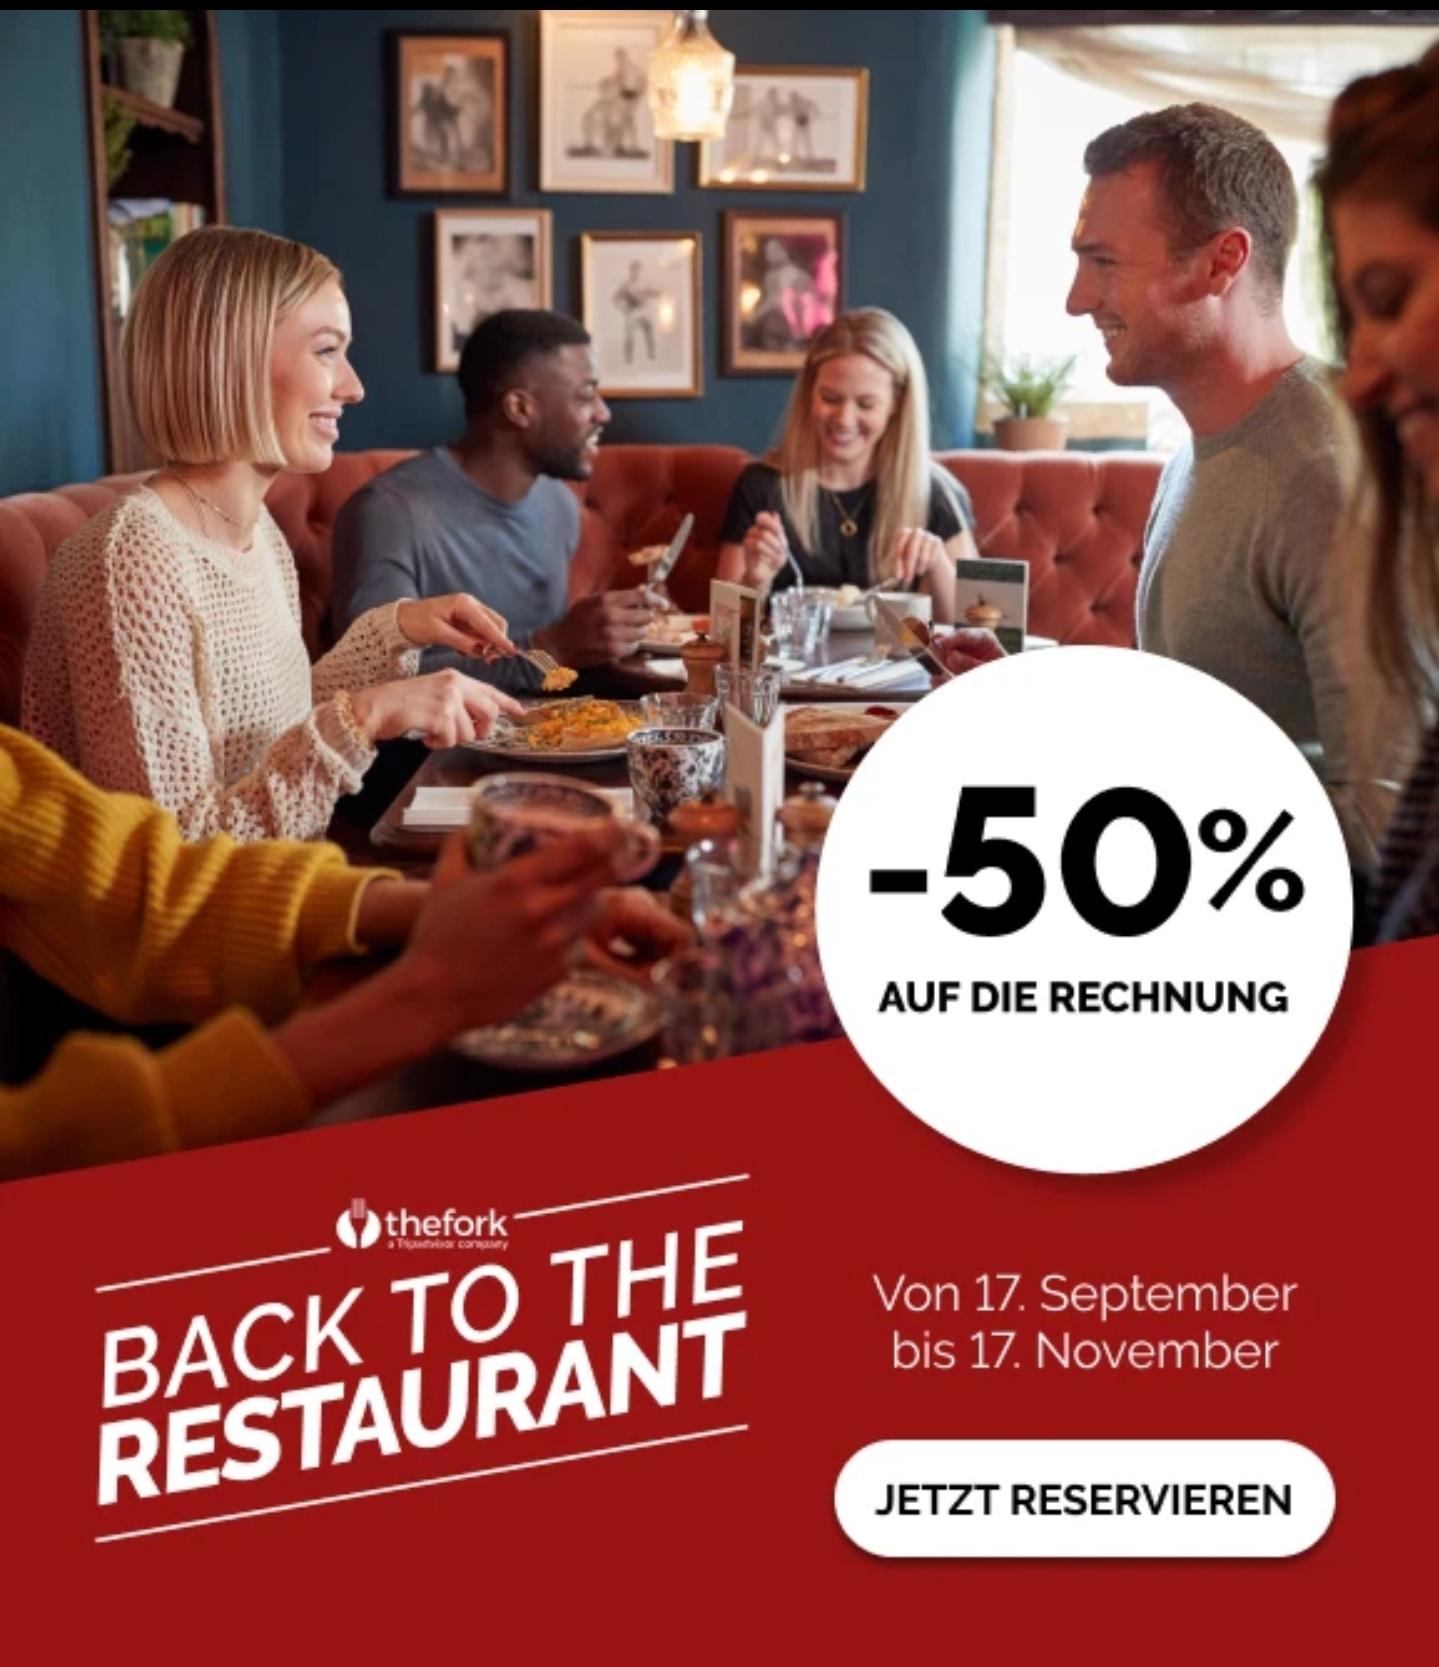 thefork.at mit Code APP20 derzeit 20 Euro Konsumations Gutschrift (1000 Yums) für deinen zweiten gebuchten Restaurantbesuch